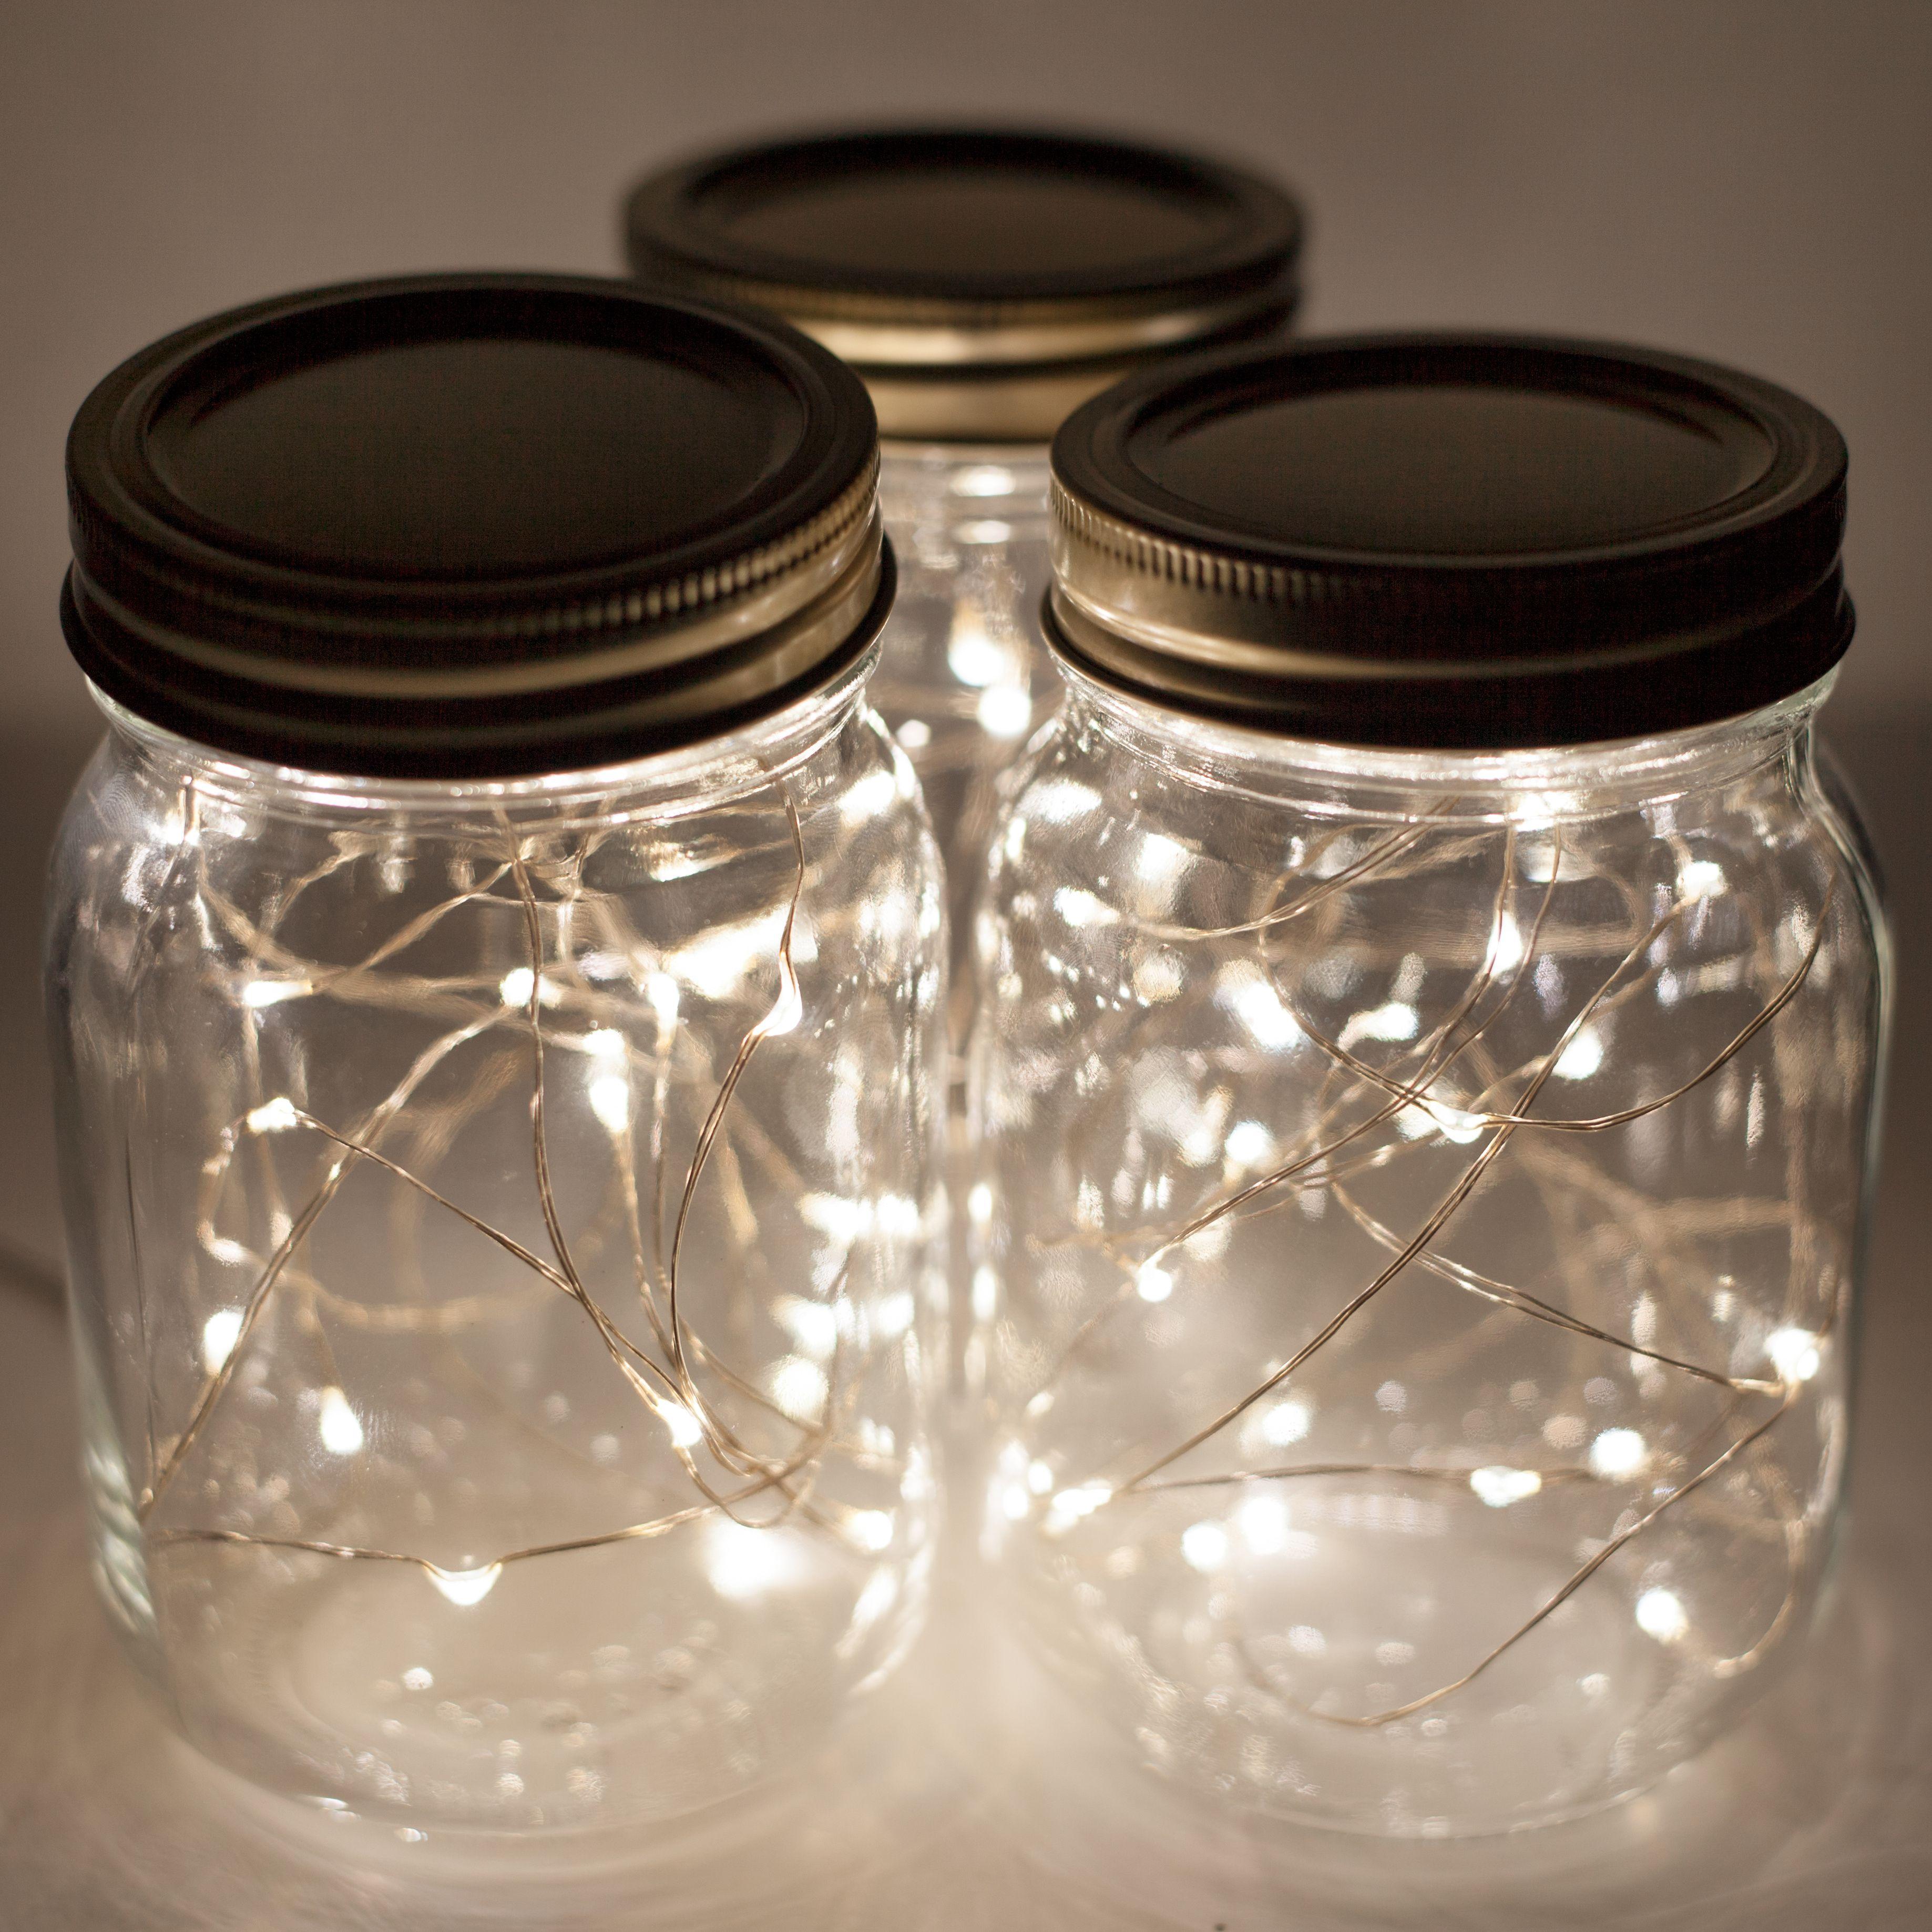 Craft lights for wine bottles - Craft Christmas Lights